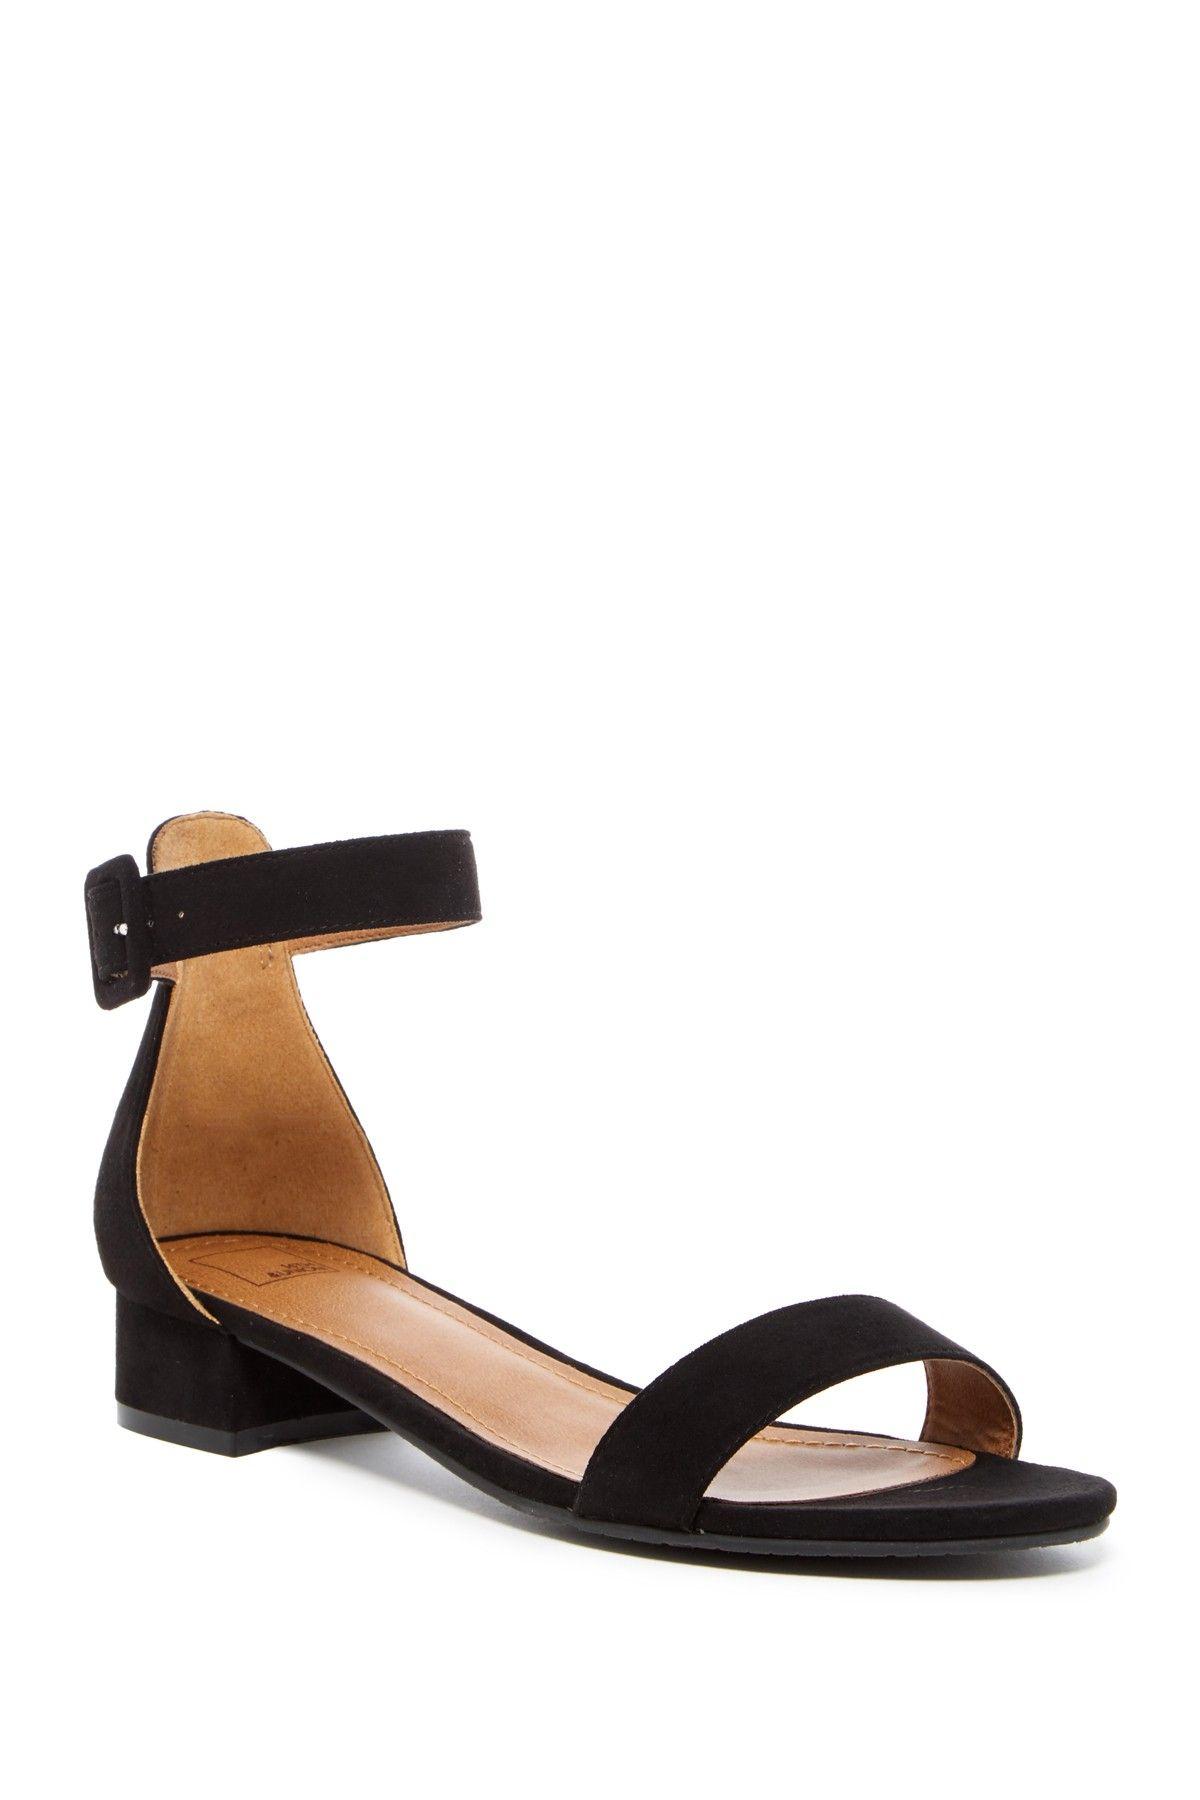 14th & Union Justine Ankle Strap Sandal 6T2vQF9L